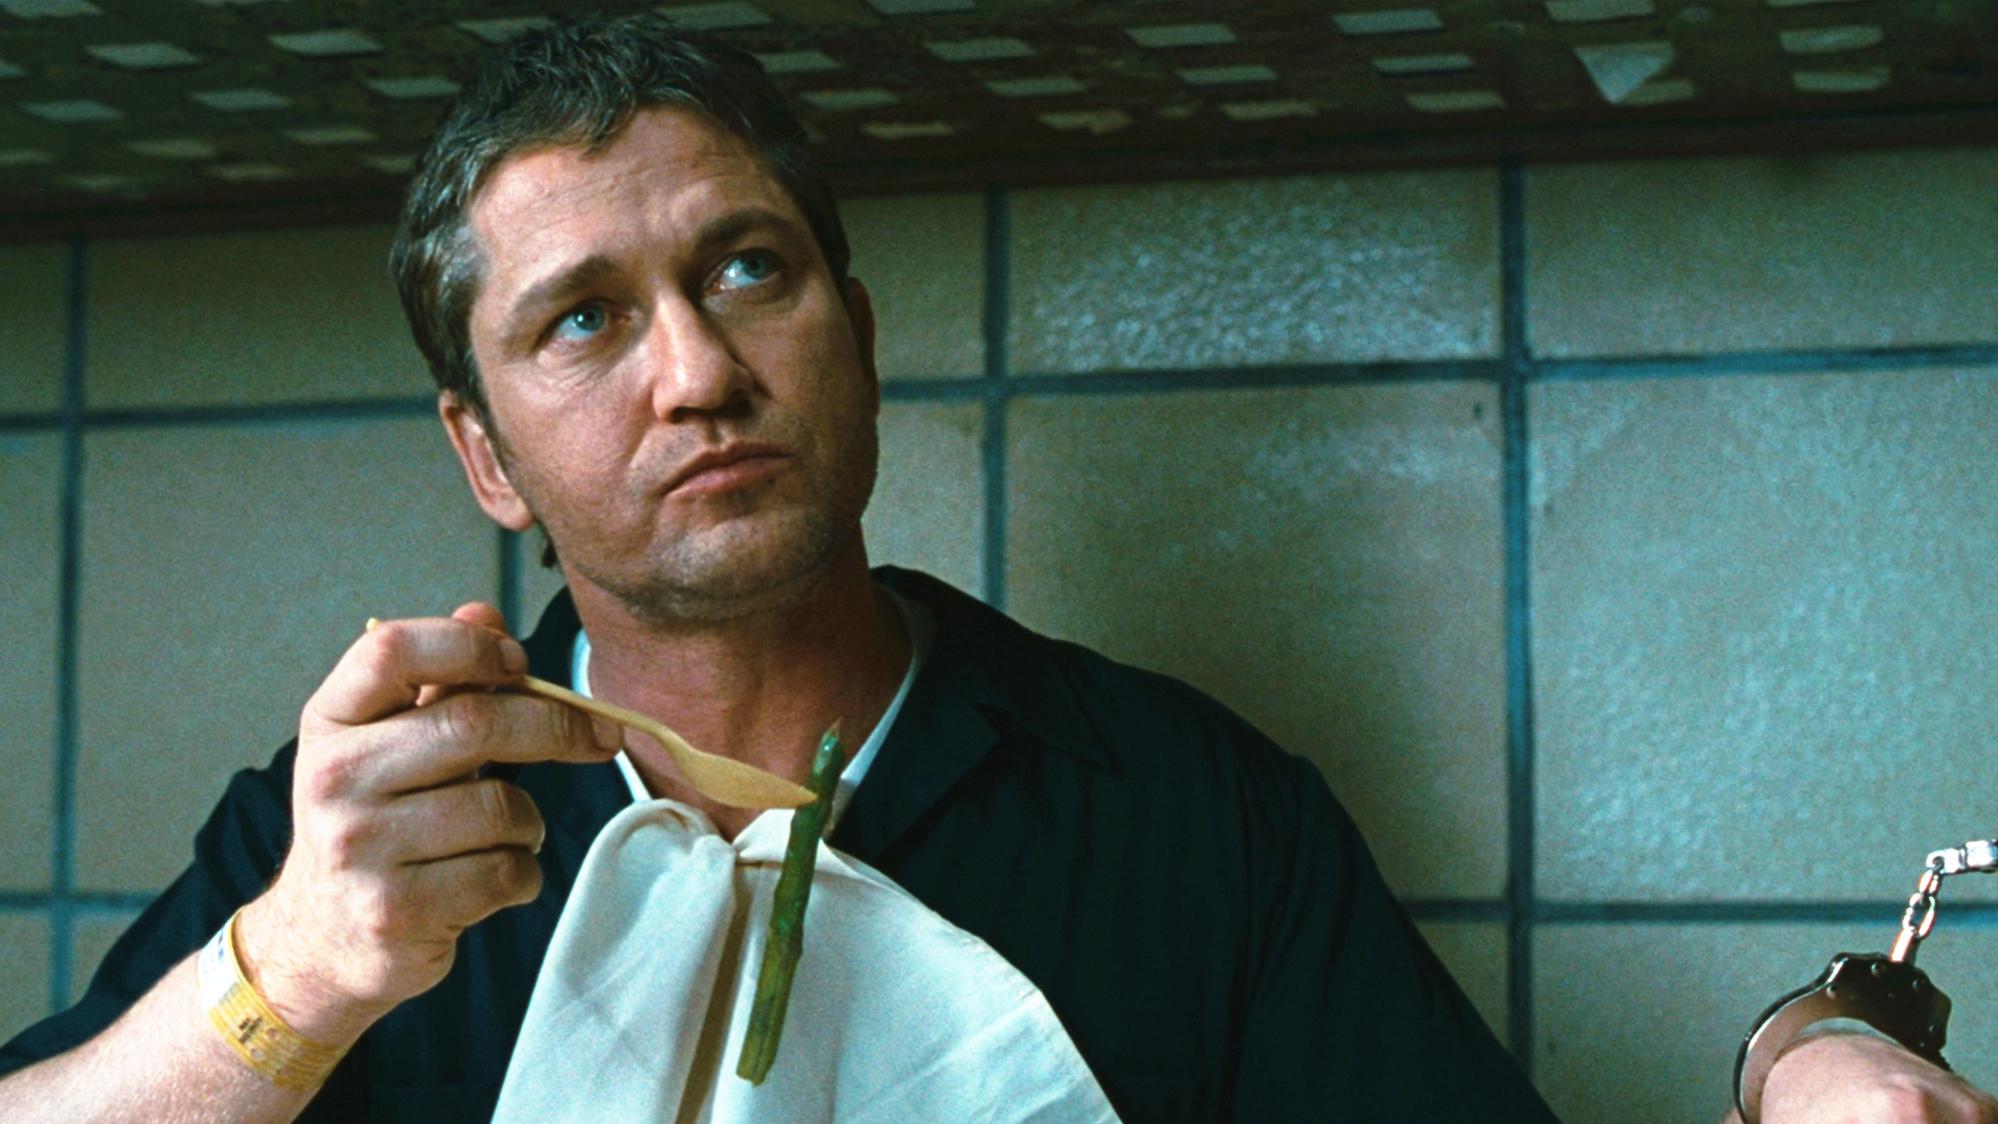 神级罪犯身处监牢却隔空制造连环谋杀,高智商复仇电影我只服这一部